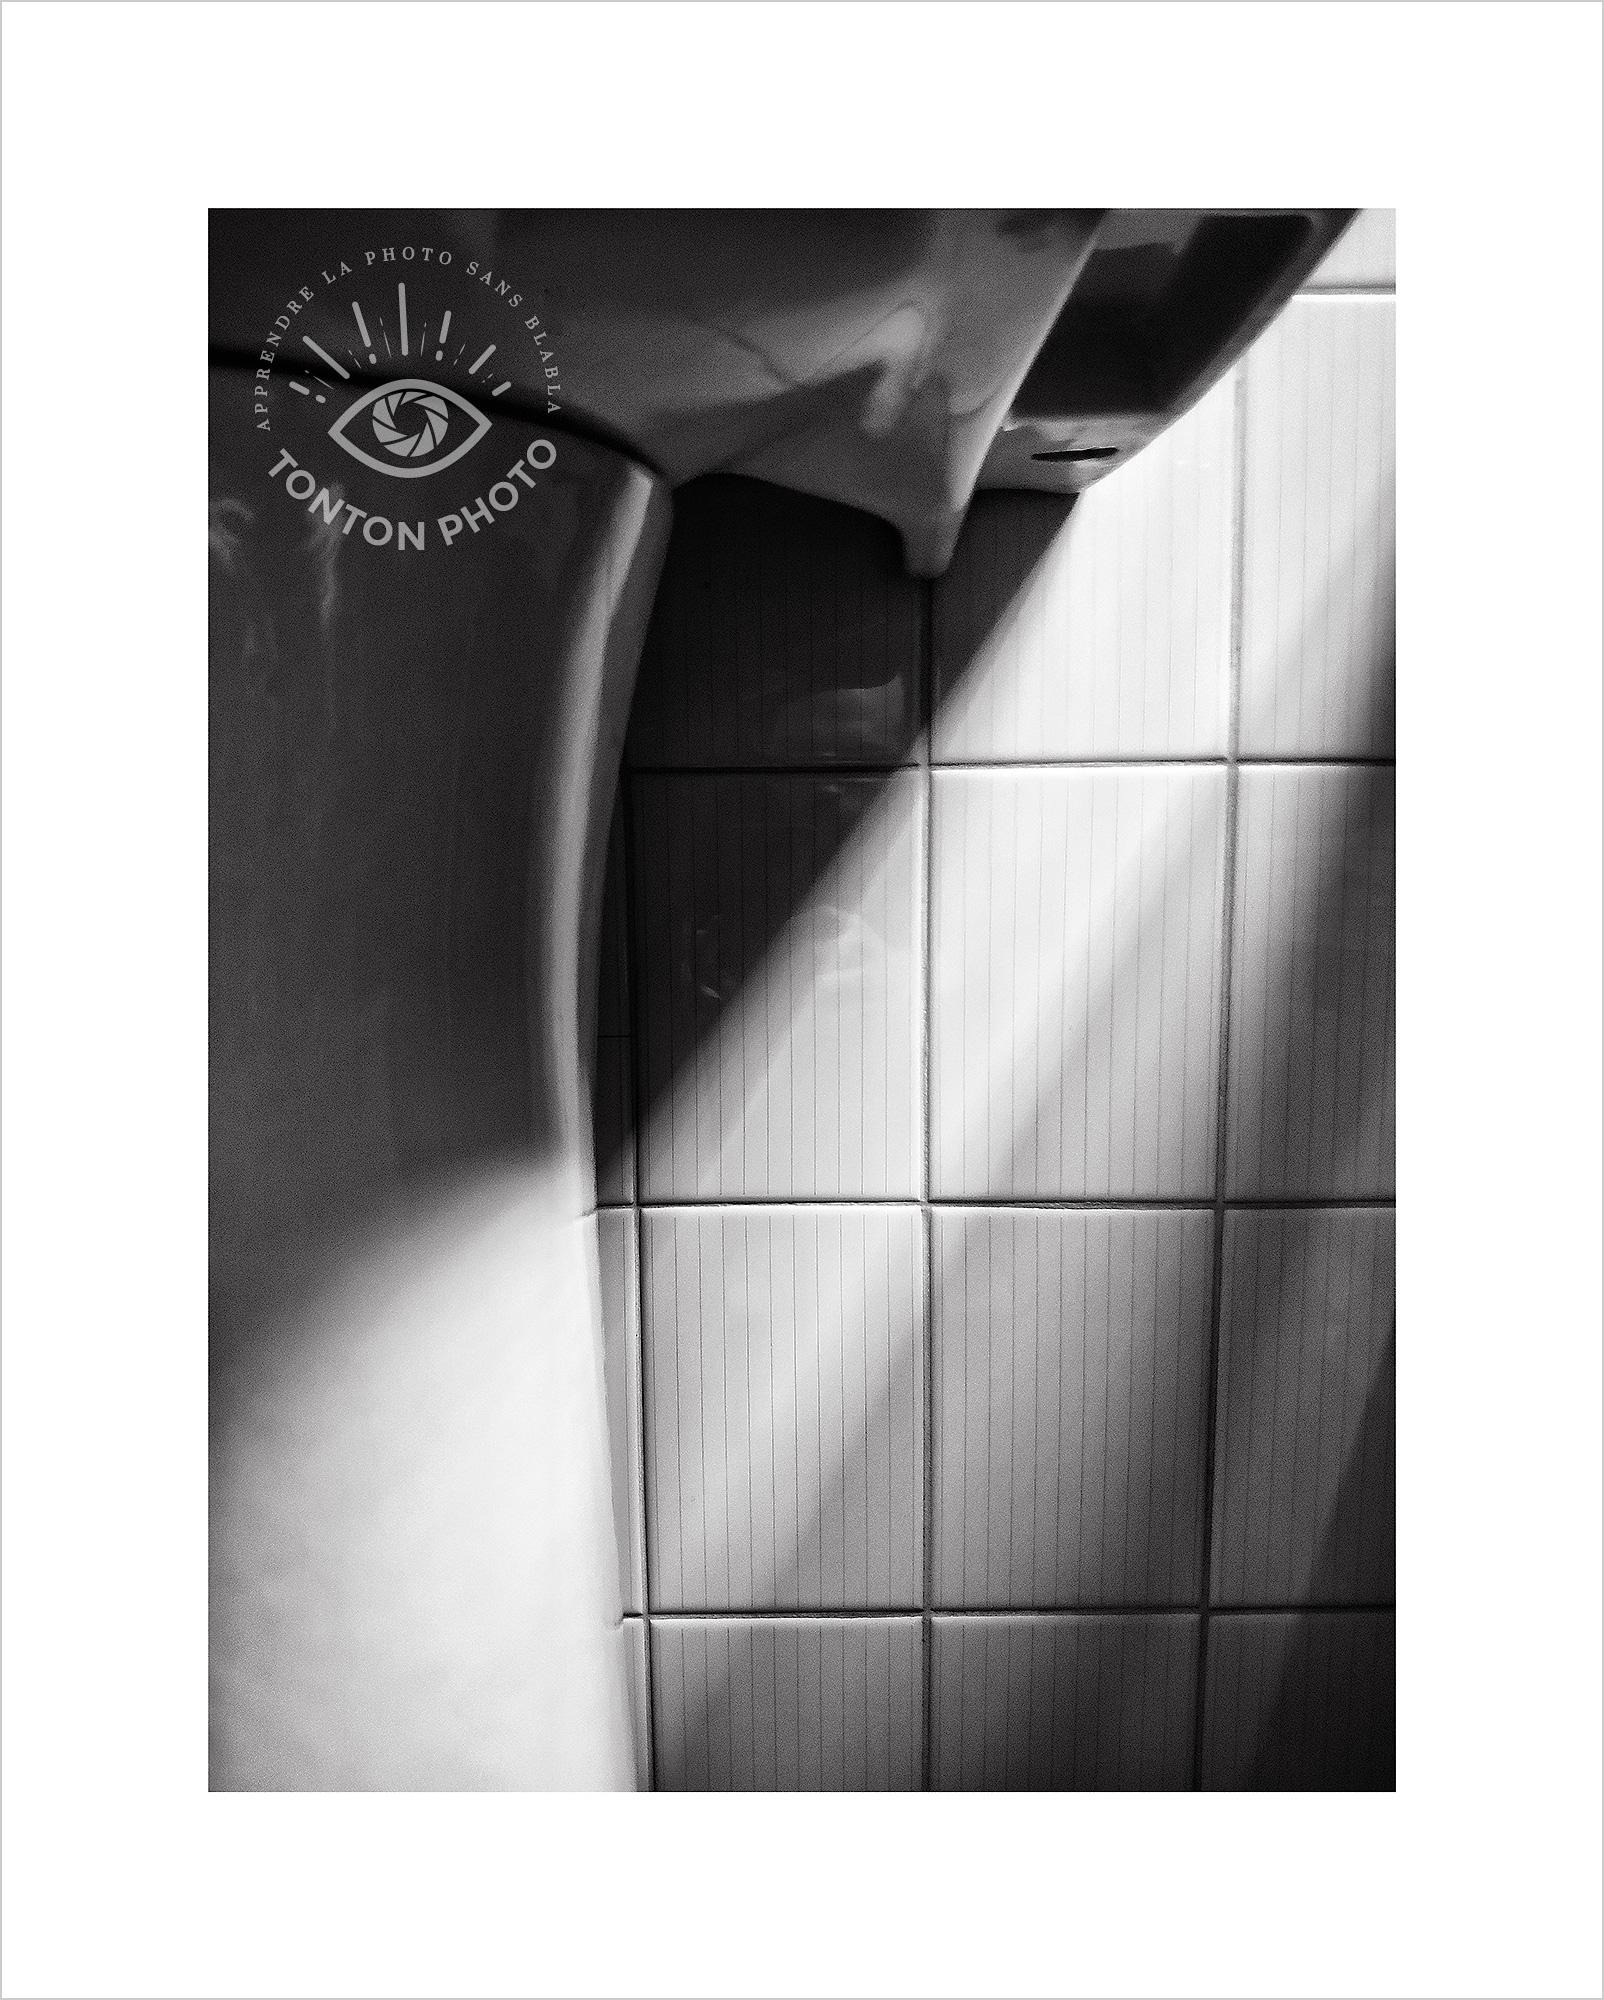 Les jeux d'ombre et de lumière s'invitent même dans la salle de bain en fin de journée... Photo prise au smartphone Xiaomi Mi Mix 3 © Tonton Photo